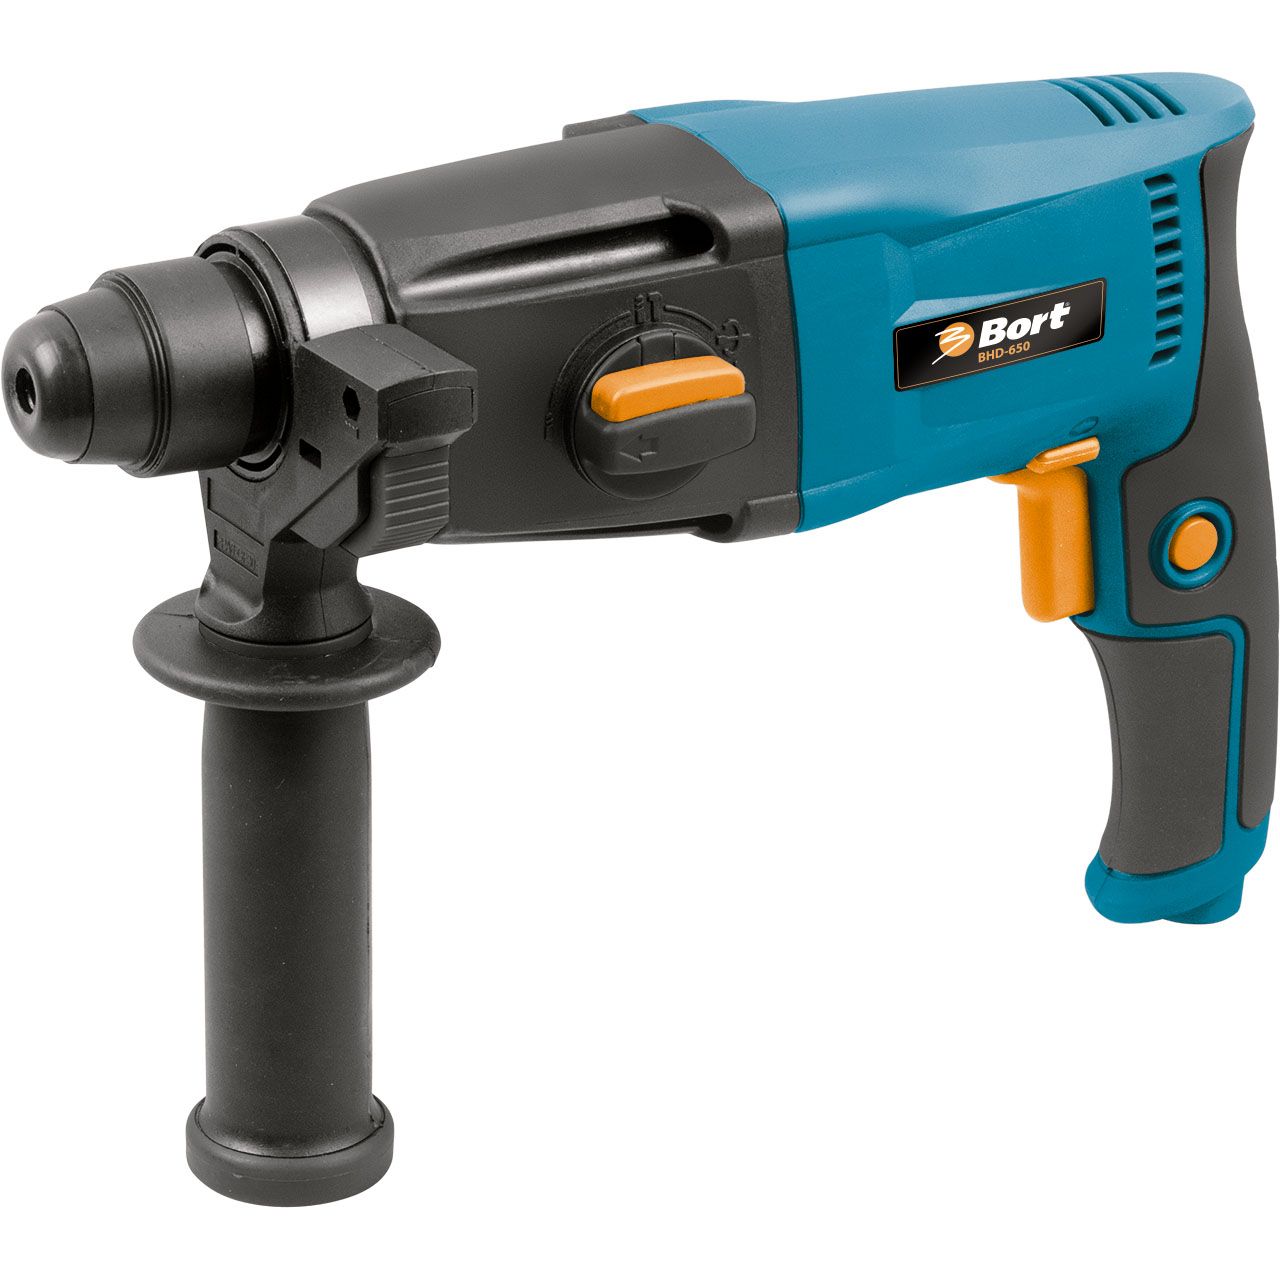 Перфоратор электрический Bort BHD-650  bort bhd 901 98293647 электрический перфоратор blue